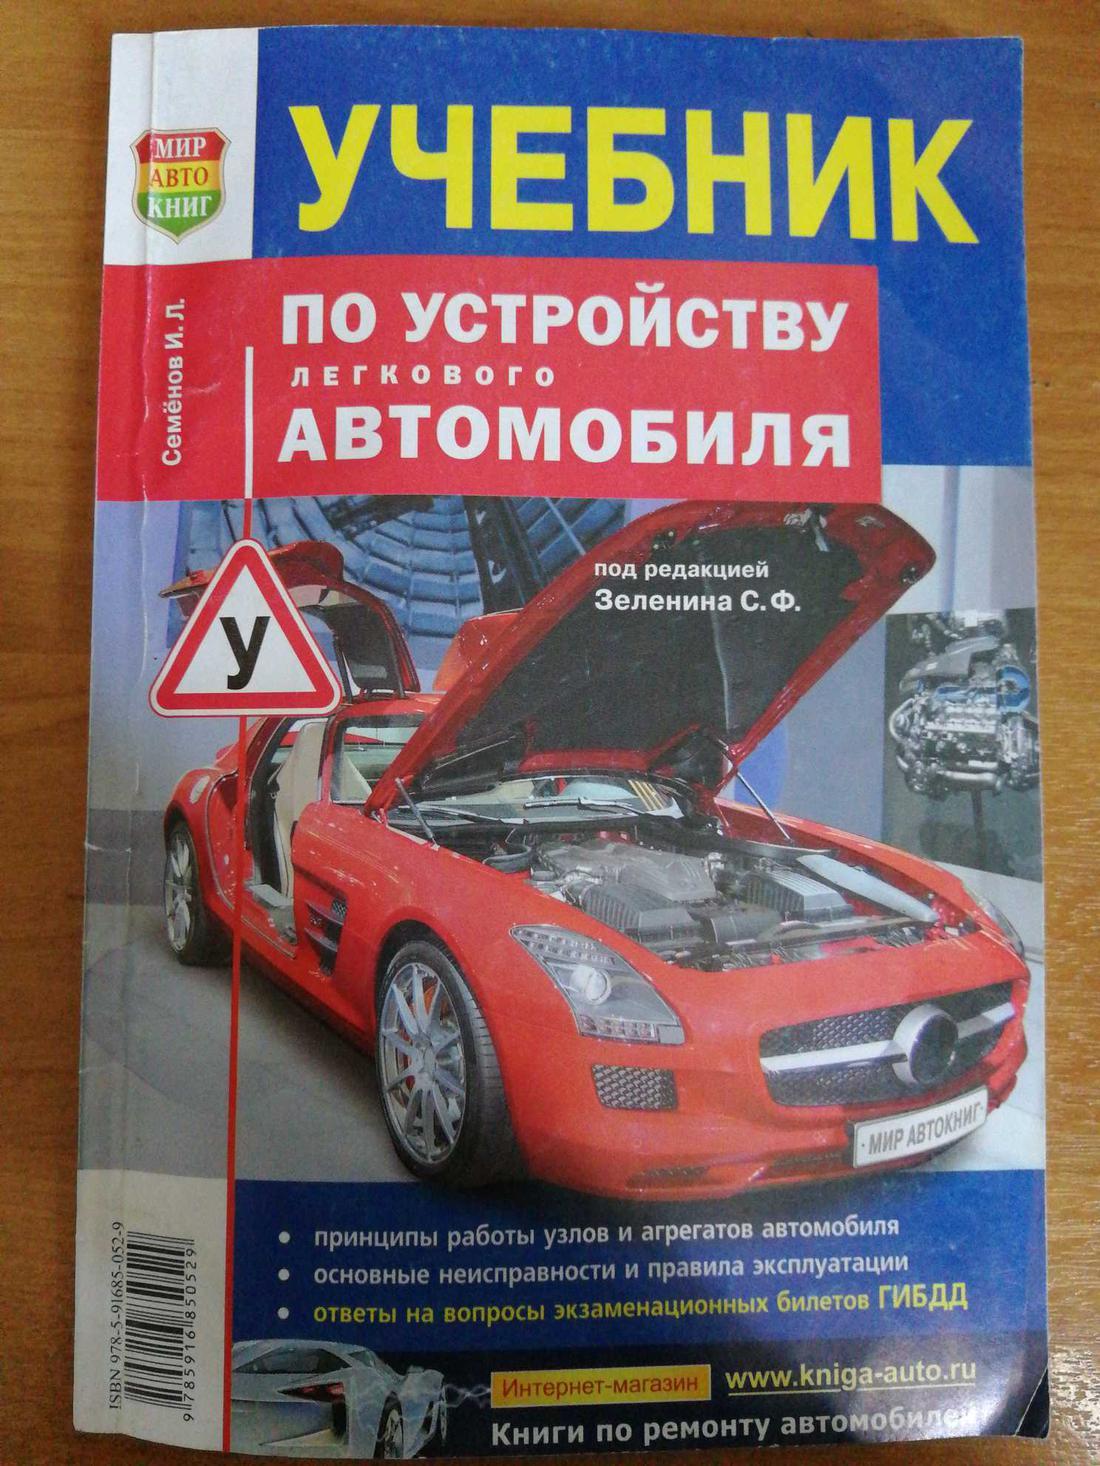 Book: Uchebnik po ustroystvu legkovogo avtomobilya (ISBN: 5916850522)